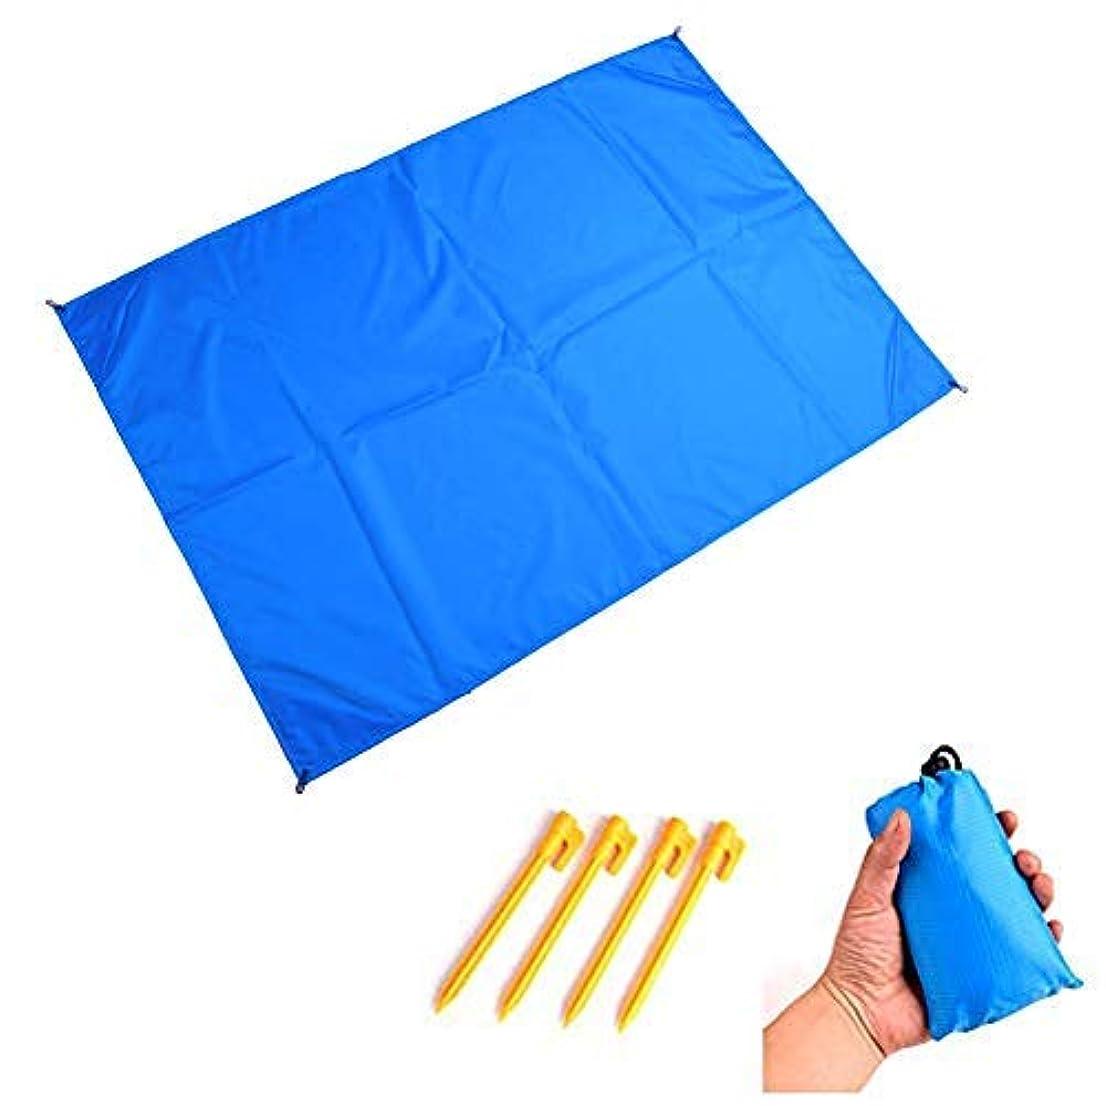 教育出来事期限切れGORBAST ピクニック マット 折り畳み式 ビーチブランケット 防水 薄型 軽量 キャンプマット 収納バッグ付き ブランケット